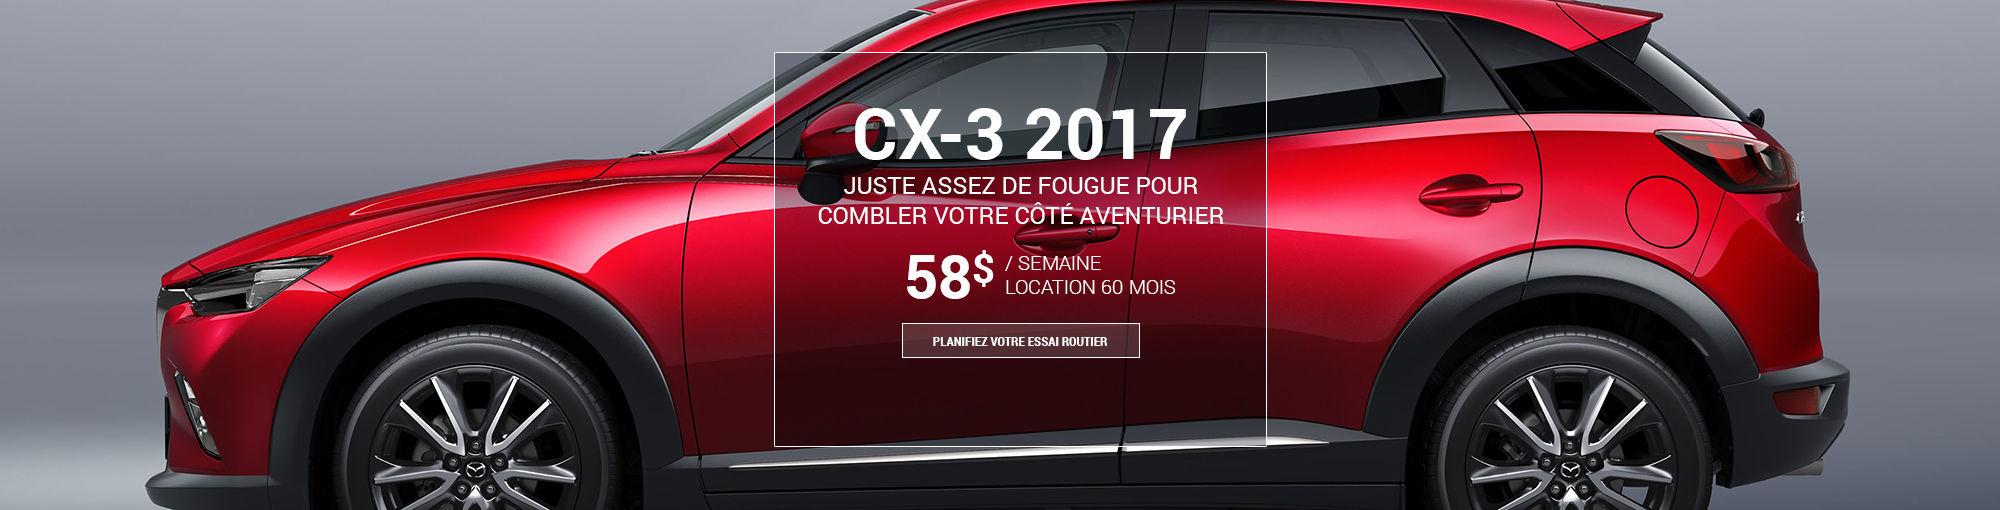 CX3 2017 - septembre 2016